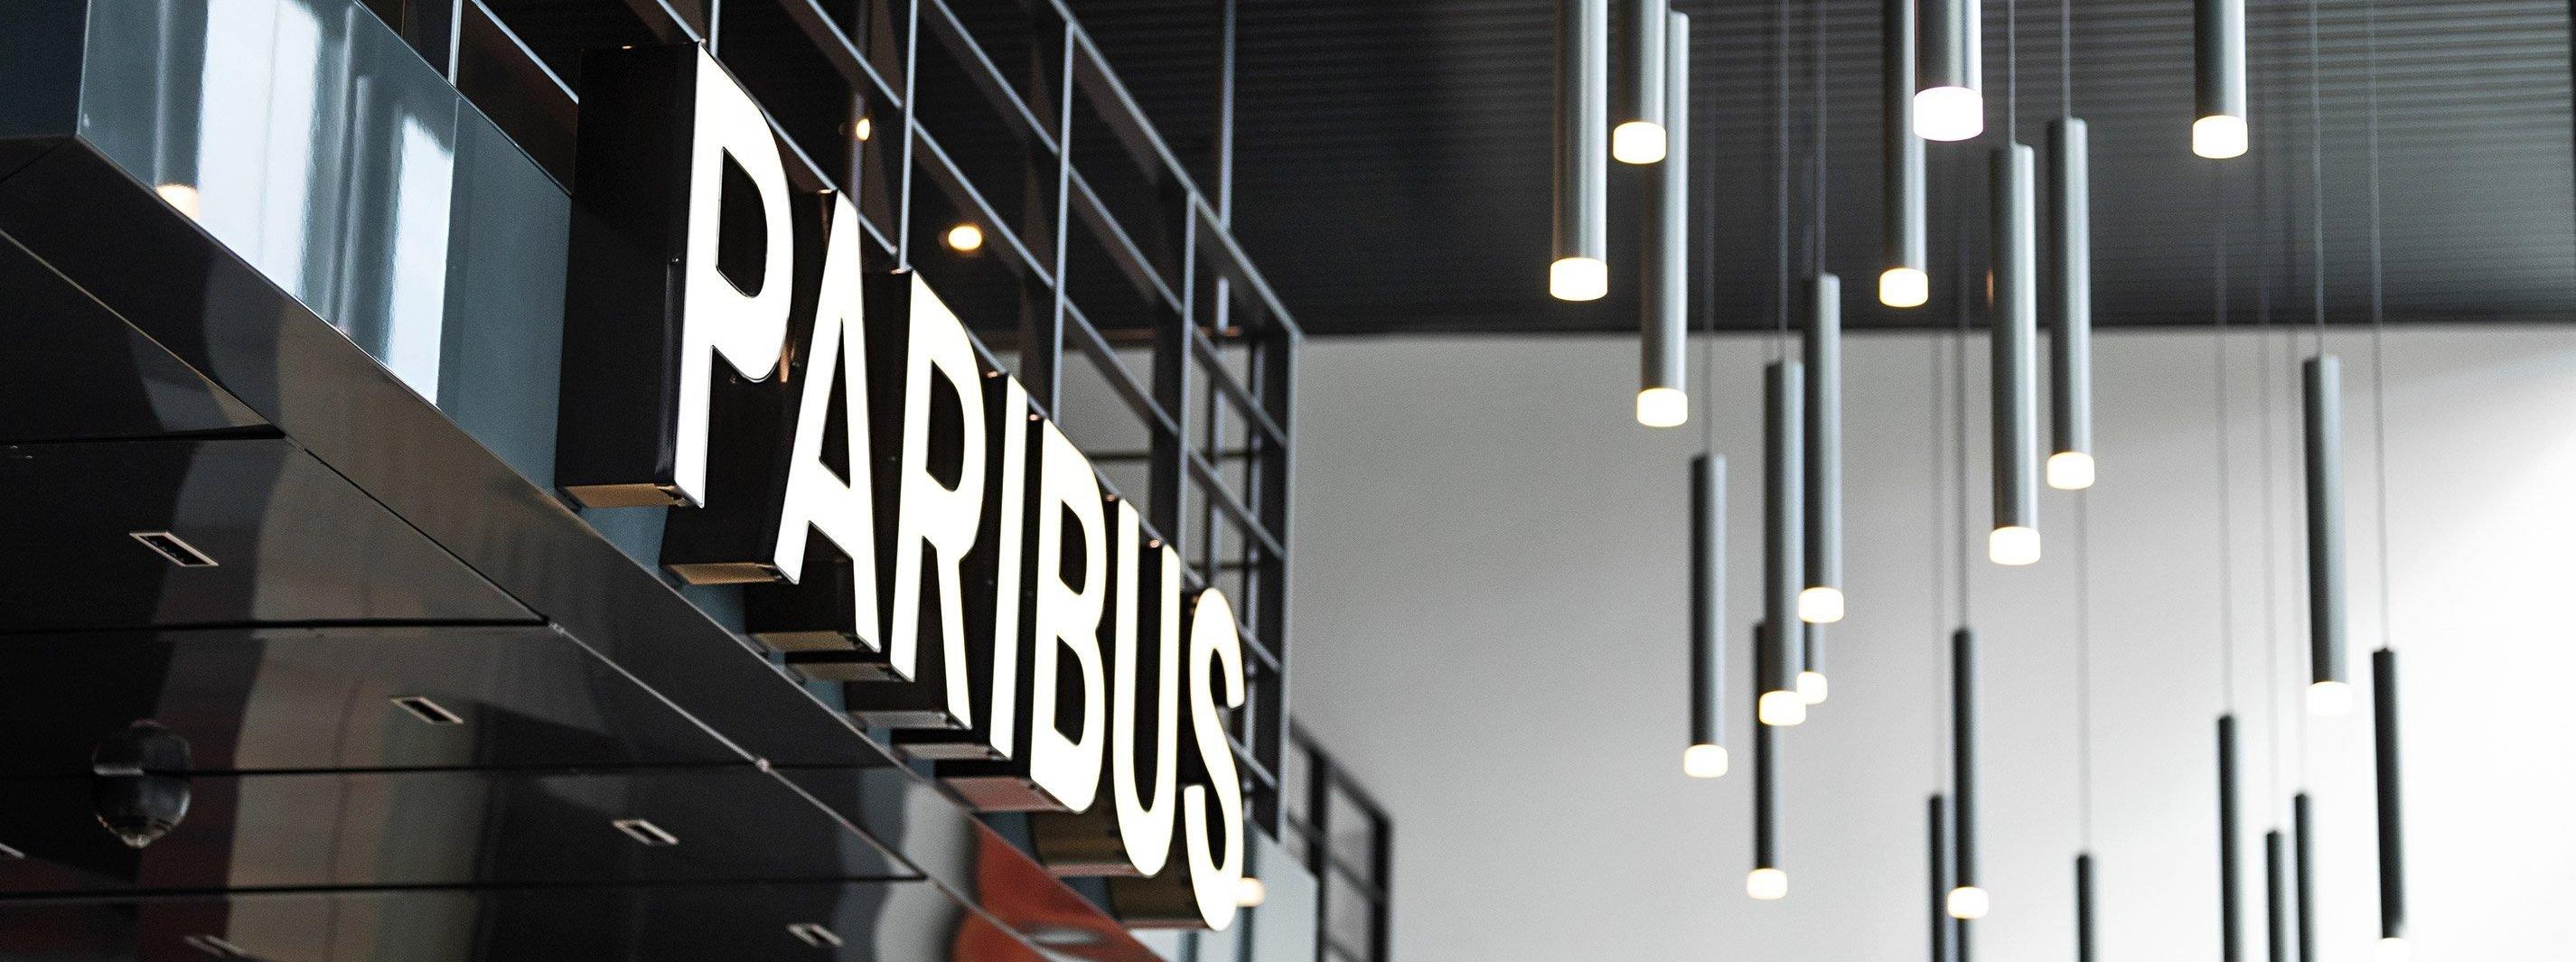 Paribus-Schriftzug am Empfang